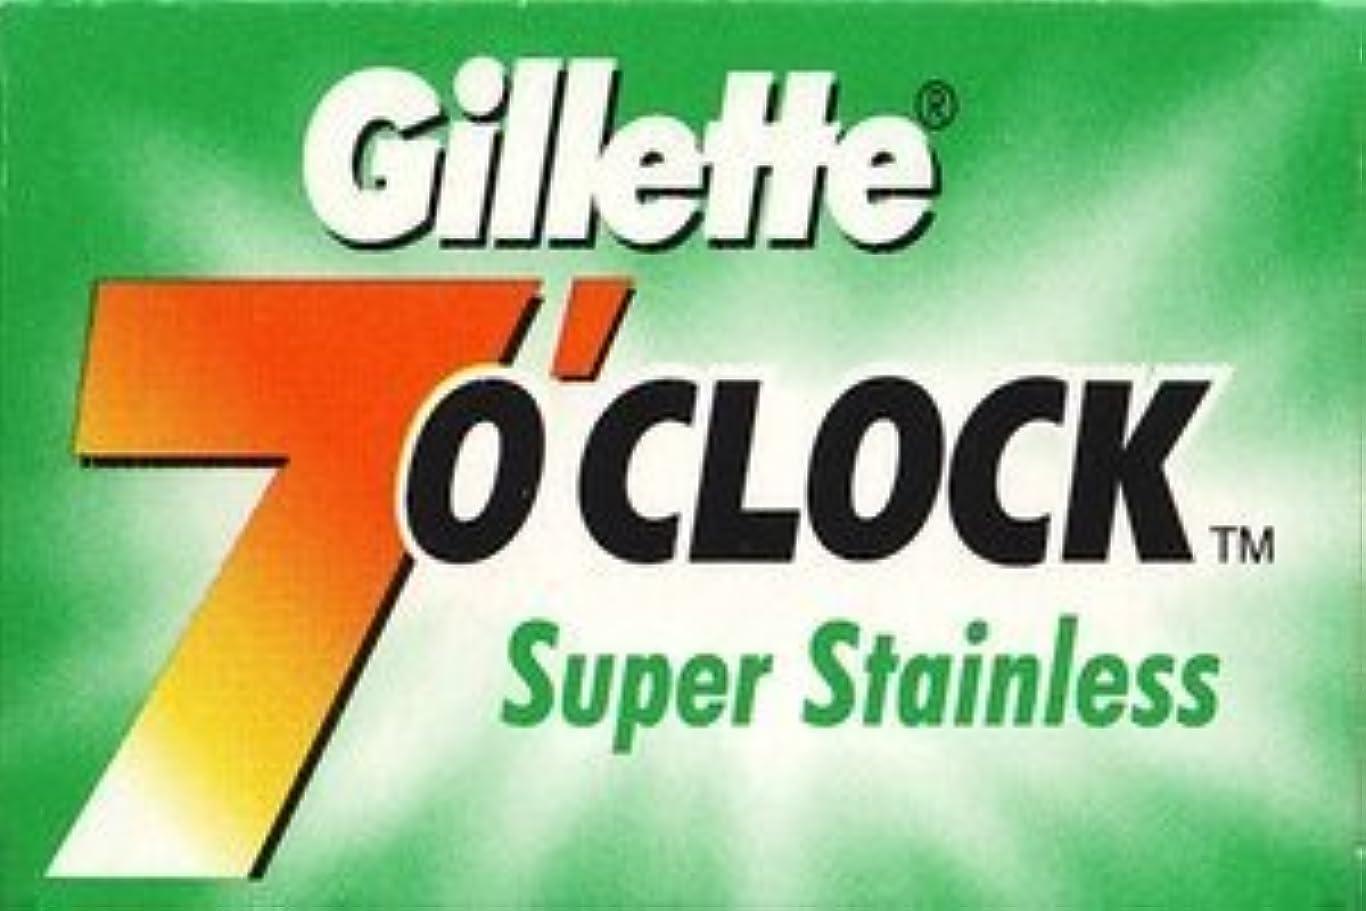 におい前文コンプライアンスGillette 7 0'Clock Super Stainless 両刃替刃 5枚入り(5枚入り1 個セット)【並行輸入品】